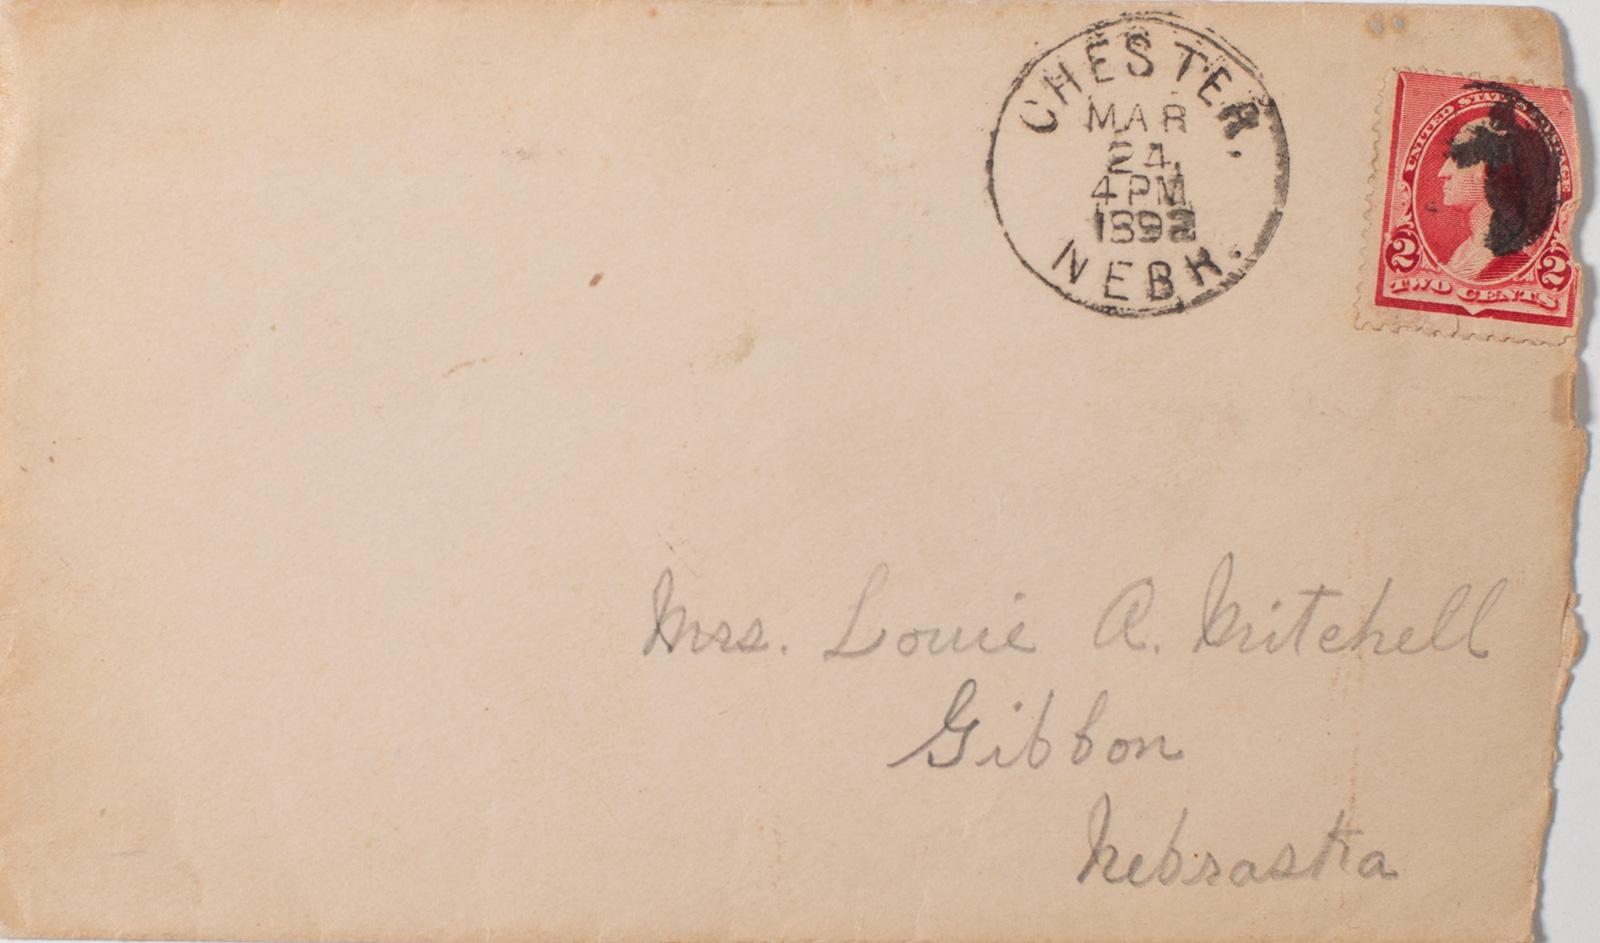 Old letter envelope mailed from Chester Nebraska 1892 Image